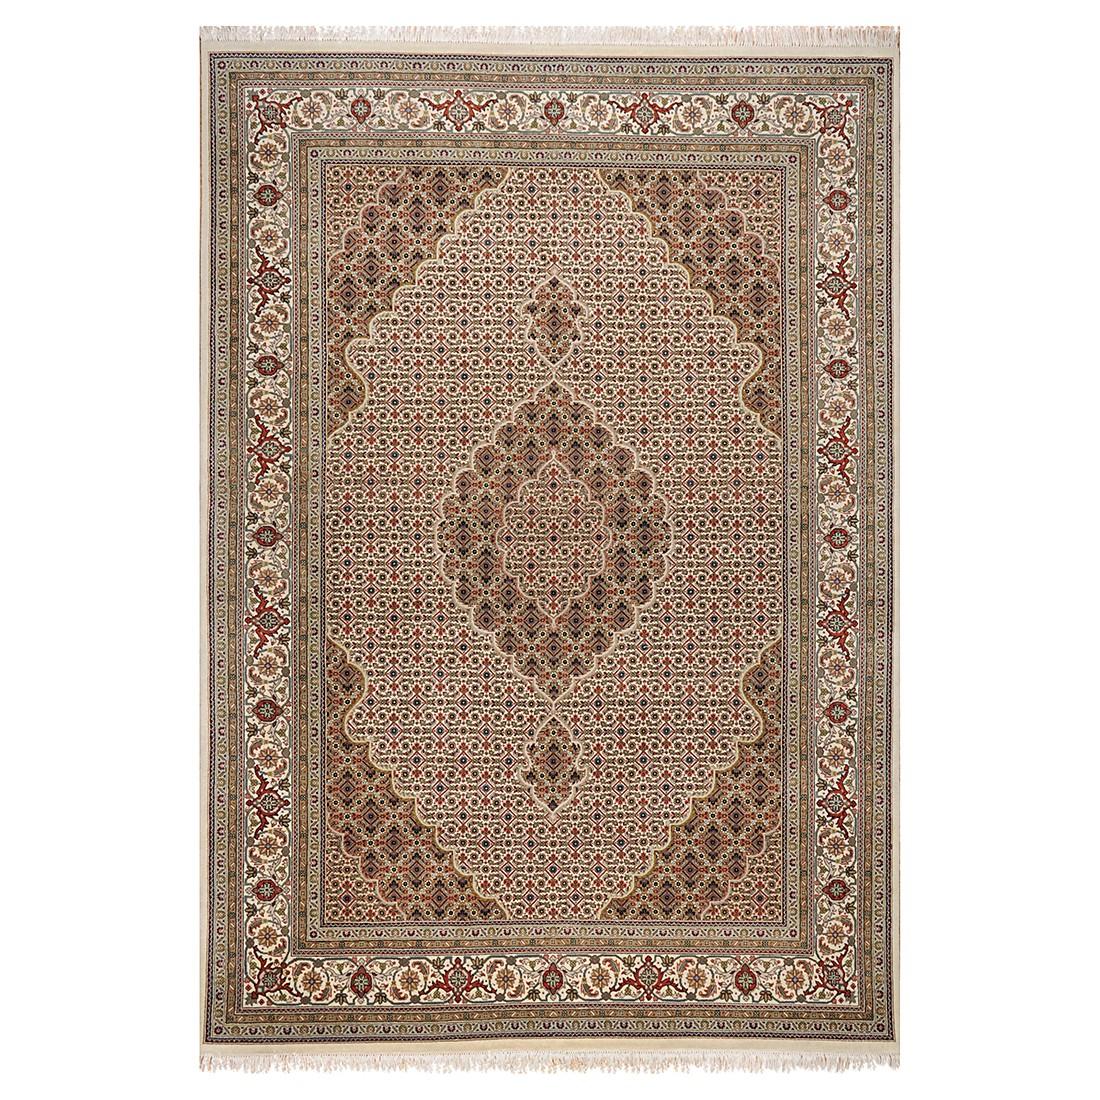 Teppich Sirsa Mahi Silk touch – Seide/Creme – 200 cm x 300 cm, THEKO die markenteppiche kaufen